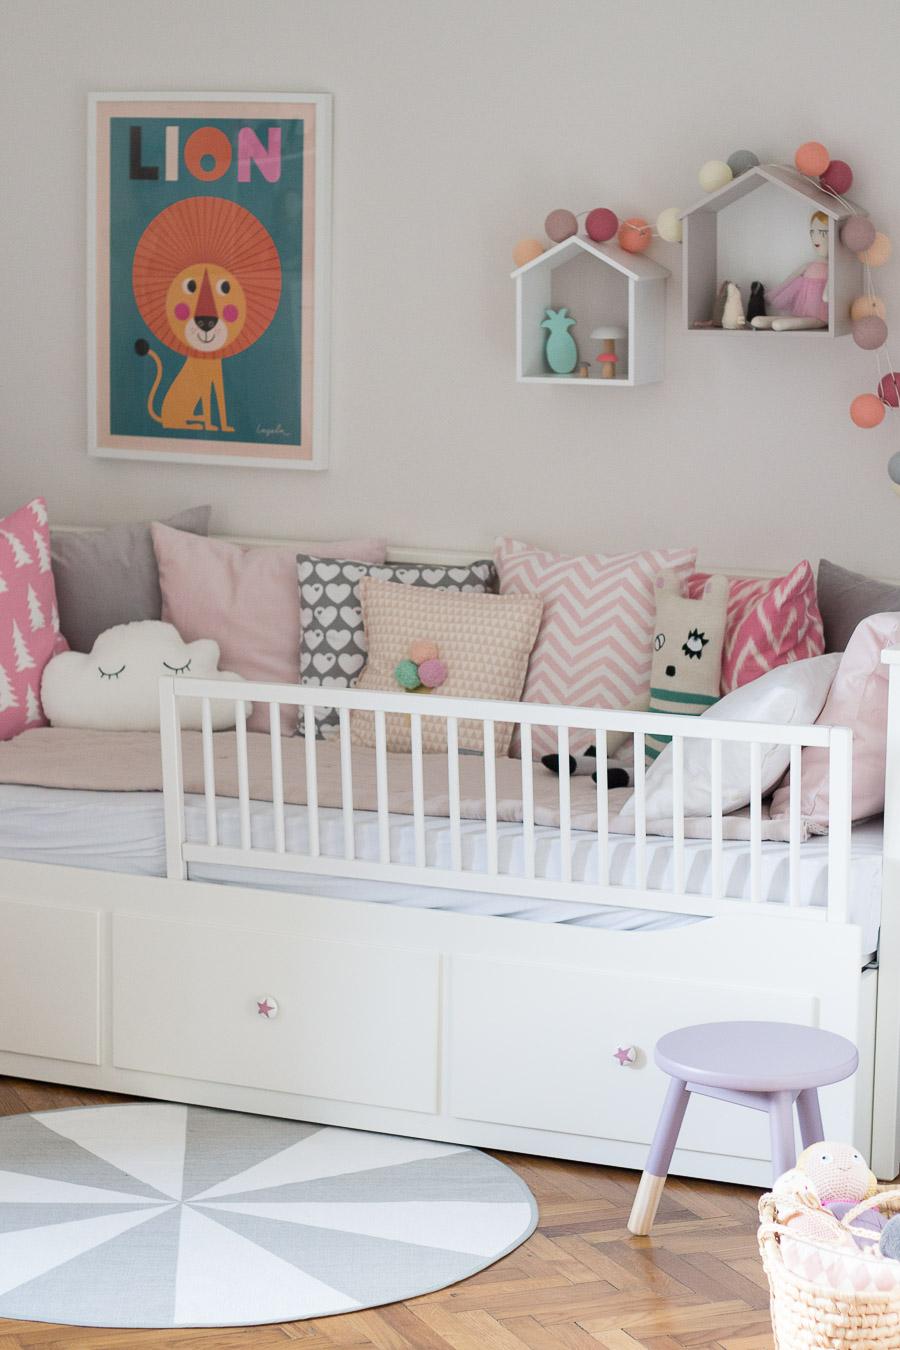 Full Size of Inspiration Ikea Hemnes Daybed Pimpen Mothers Finest Küche Selbst Zusammenstellen Rausfallschutz Bett Wohnzimmer Rausfallschutz Selbst Gemacht